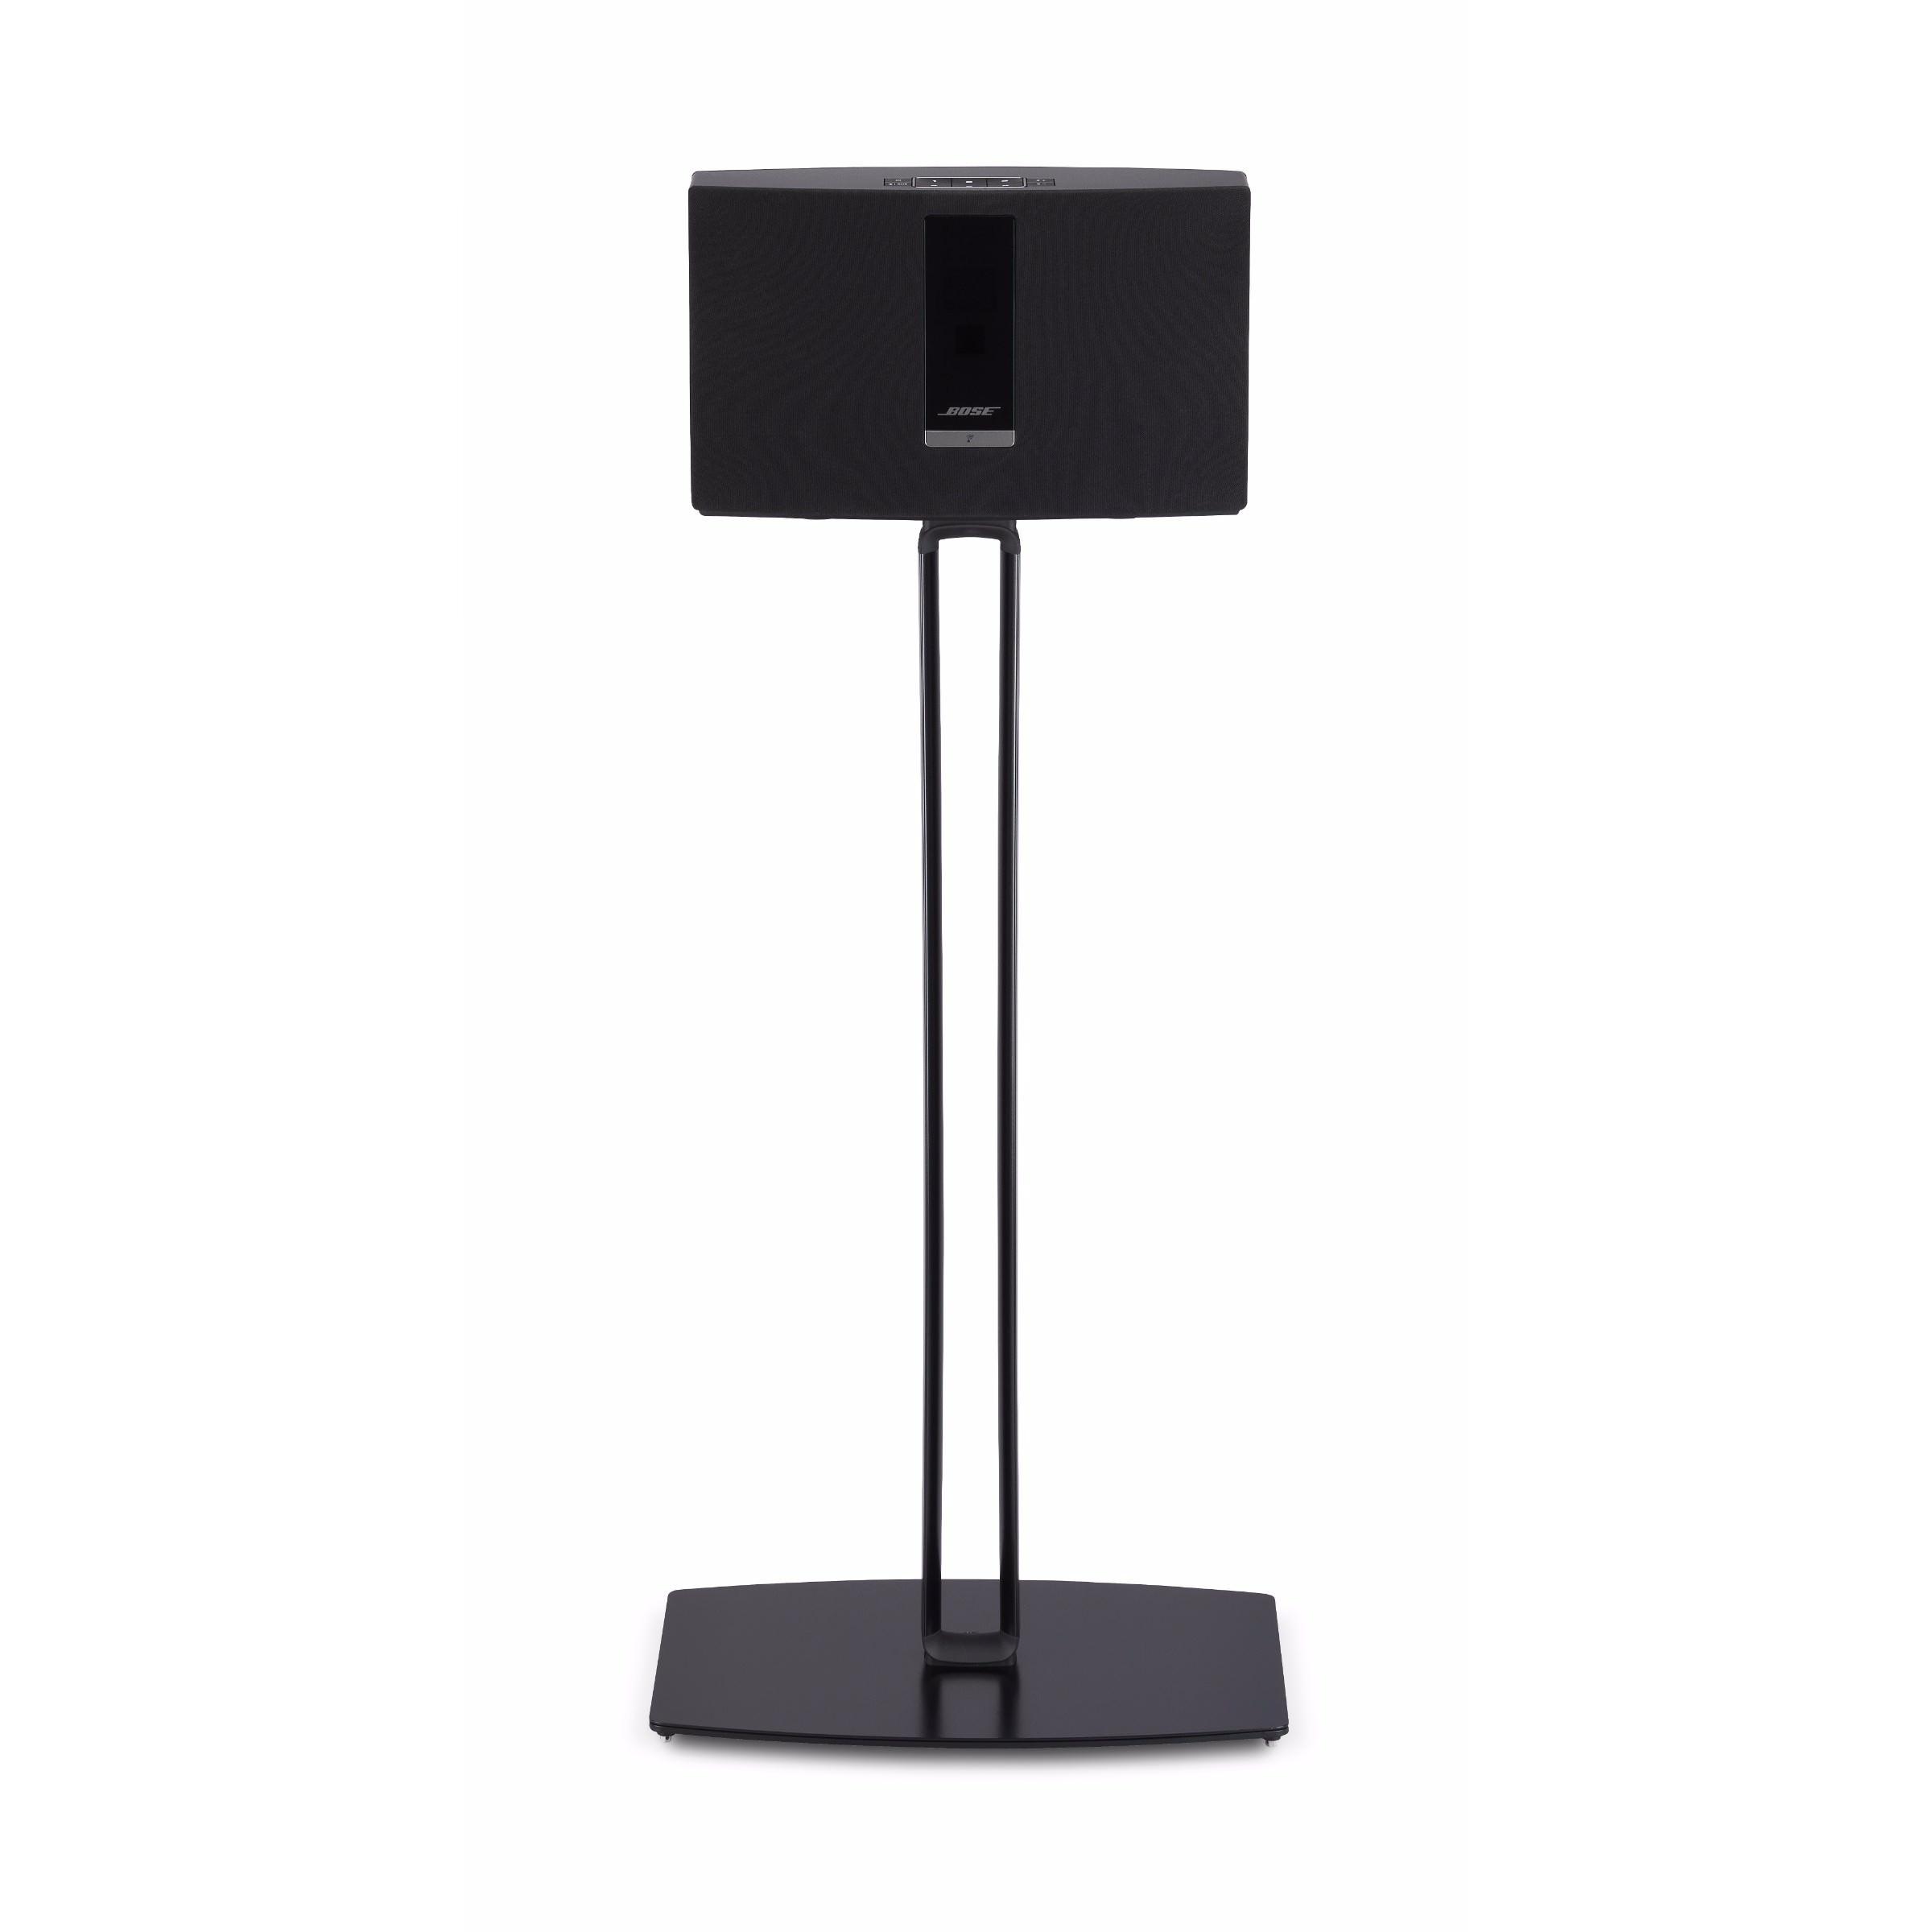 Bose SoundTouch 20 standaard zwart 8